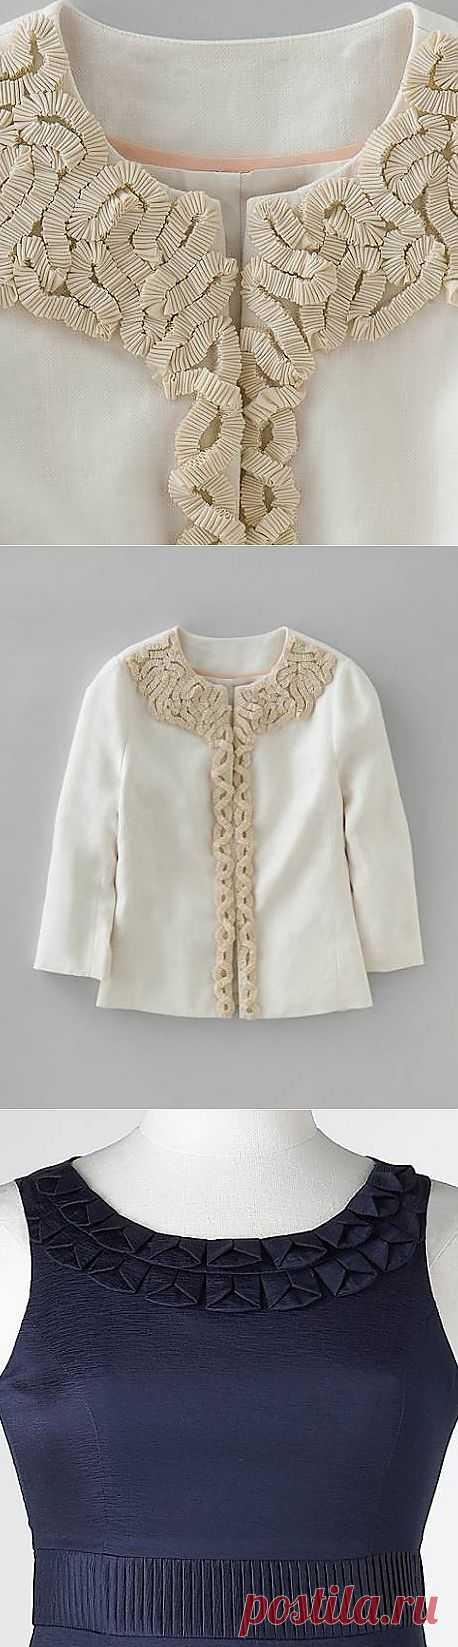 Два оригинальных декора / Декор / Модный сайт о стильной переделке одежды и интерьера